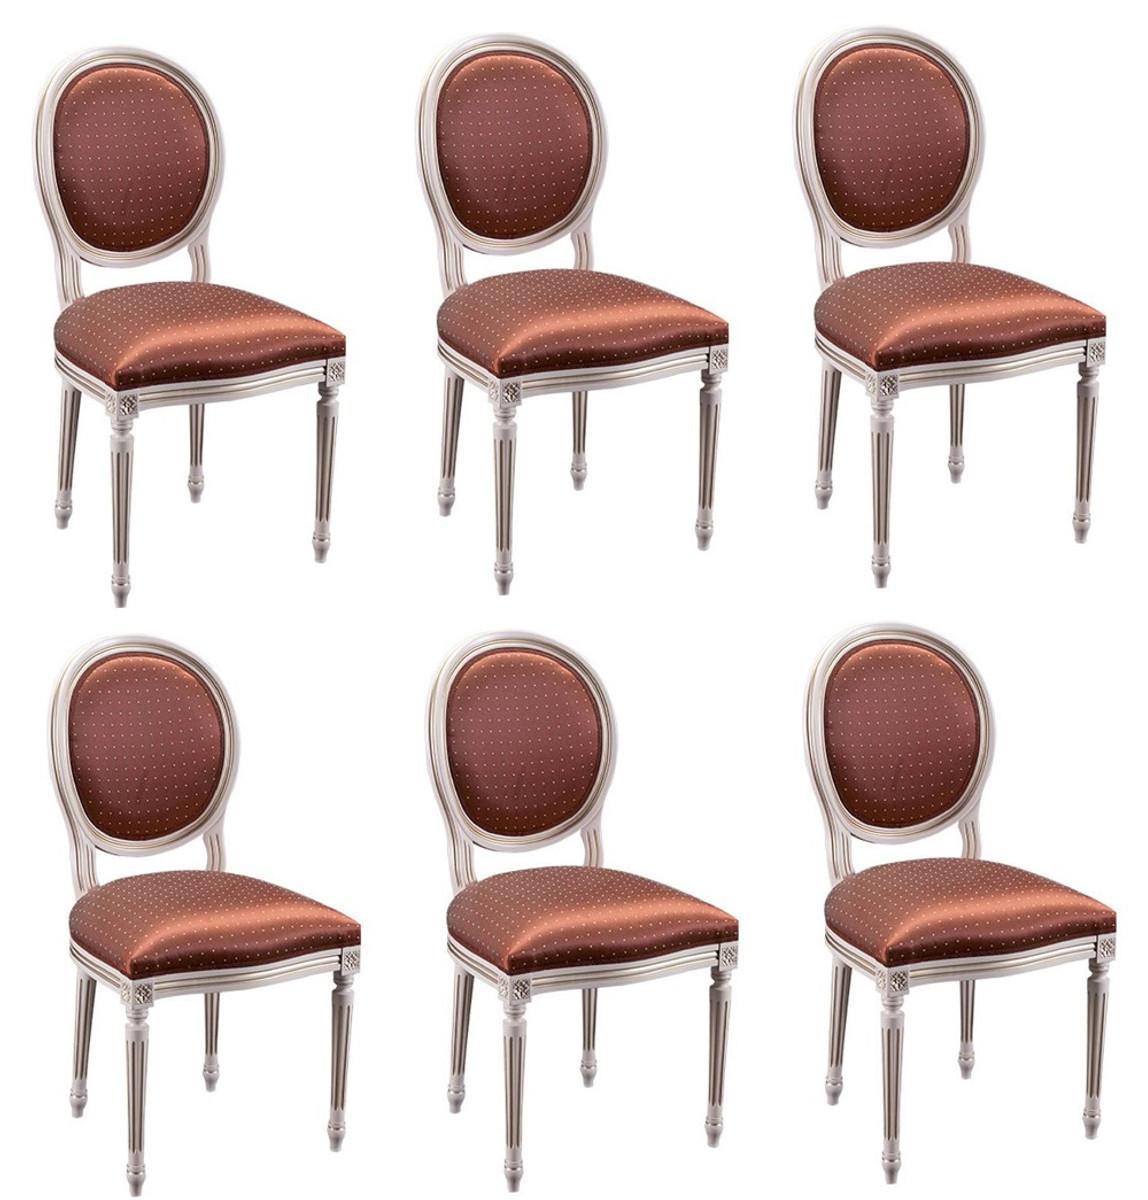 Casa Padrino Luxus Barock Esszimmer Set Creme / Gold / Orange 49 x 43,5 x H. 98 cm - 6 Esszimmerstühle - Esszimmermöbel 1